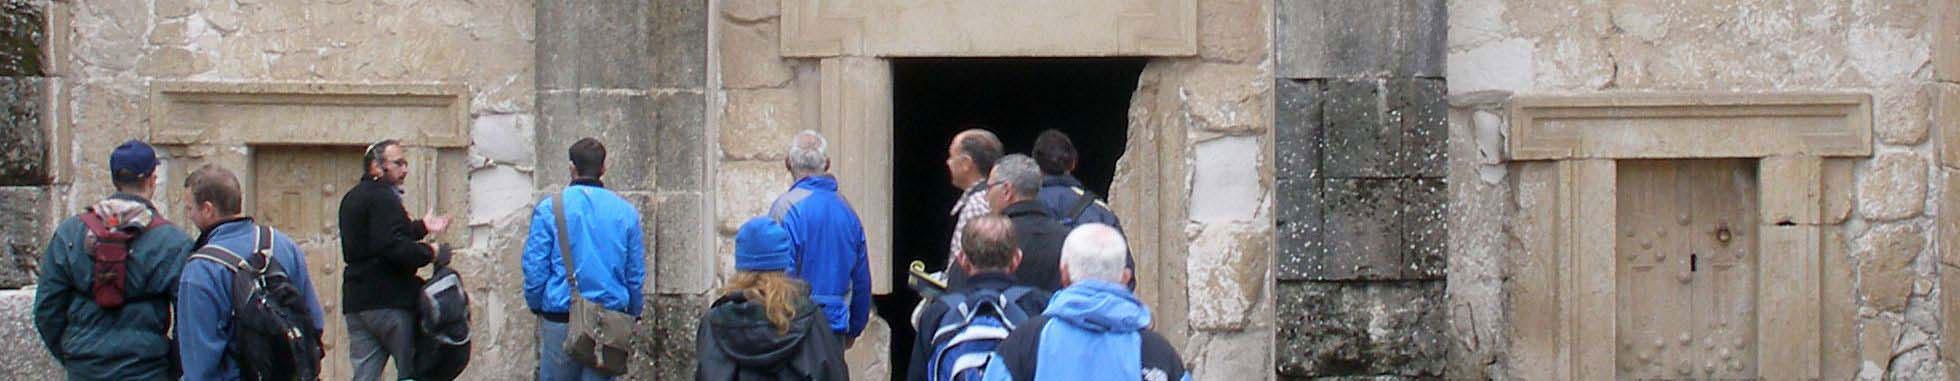 Israel One Day Tours (C) GoIsrael.com